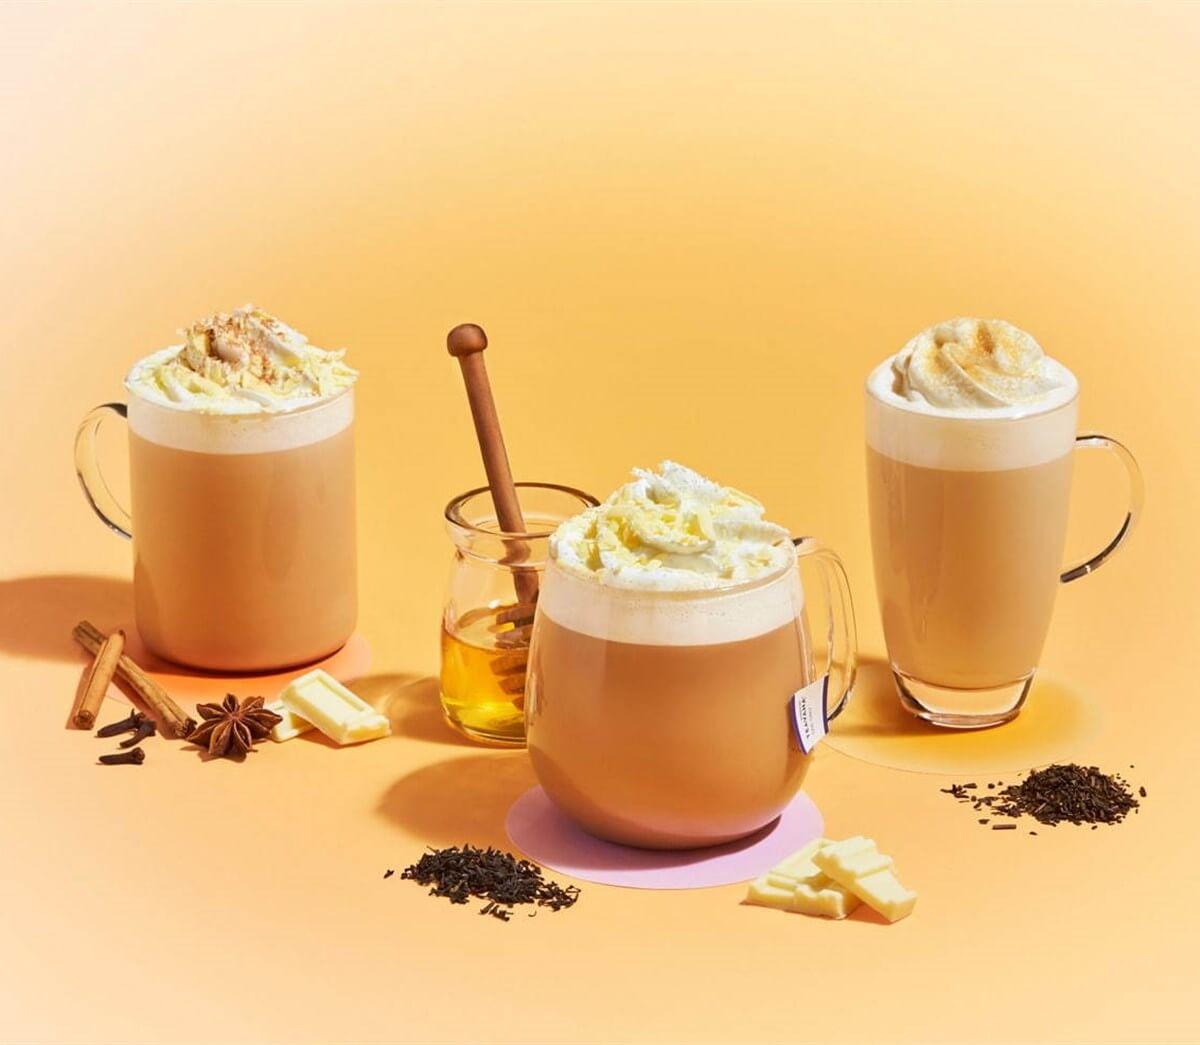 アールグレイハニーホイップティー ラテ-チャイ&ホワイトチョコレートティーラテ-ほうじ茶クリームティーラテ2